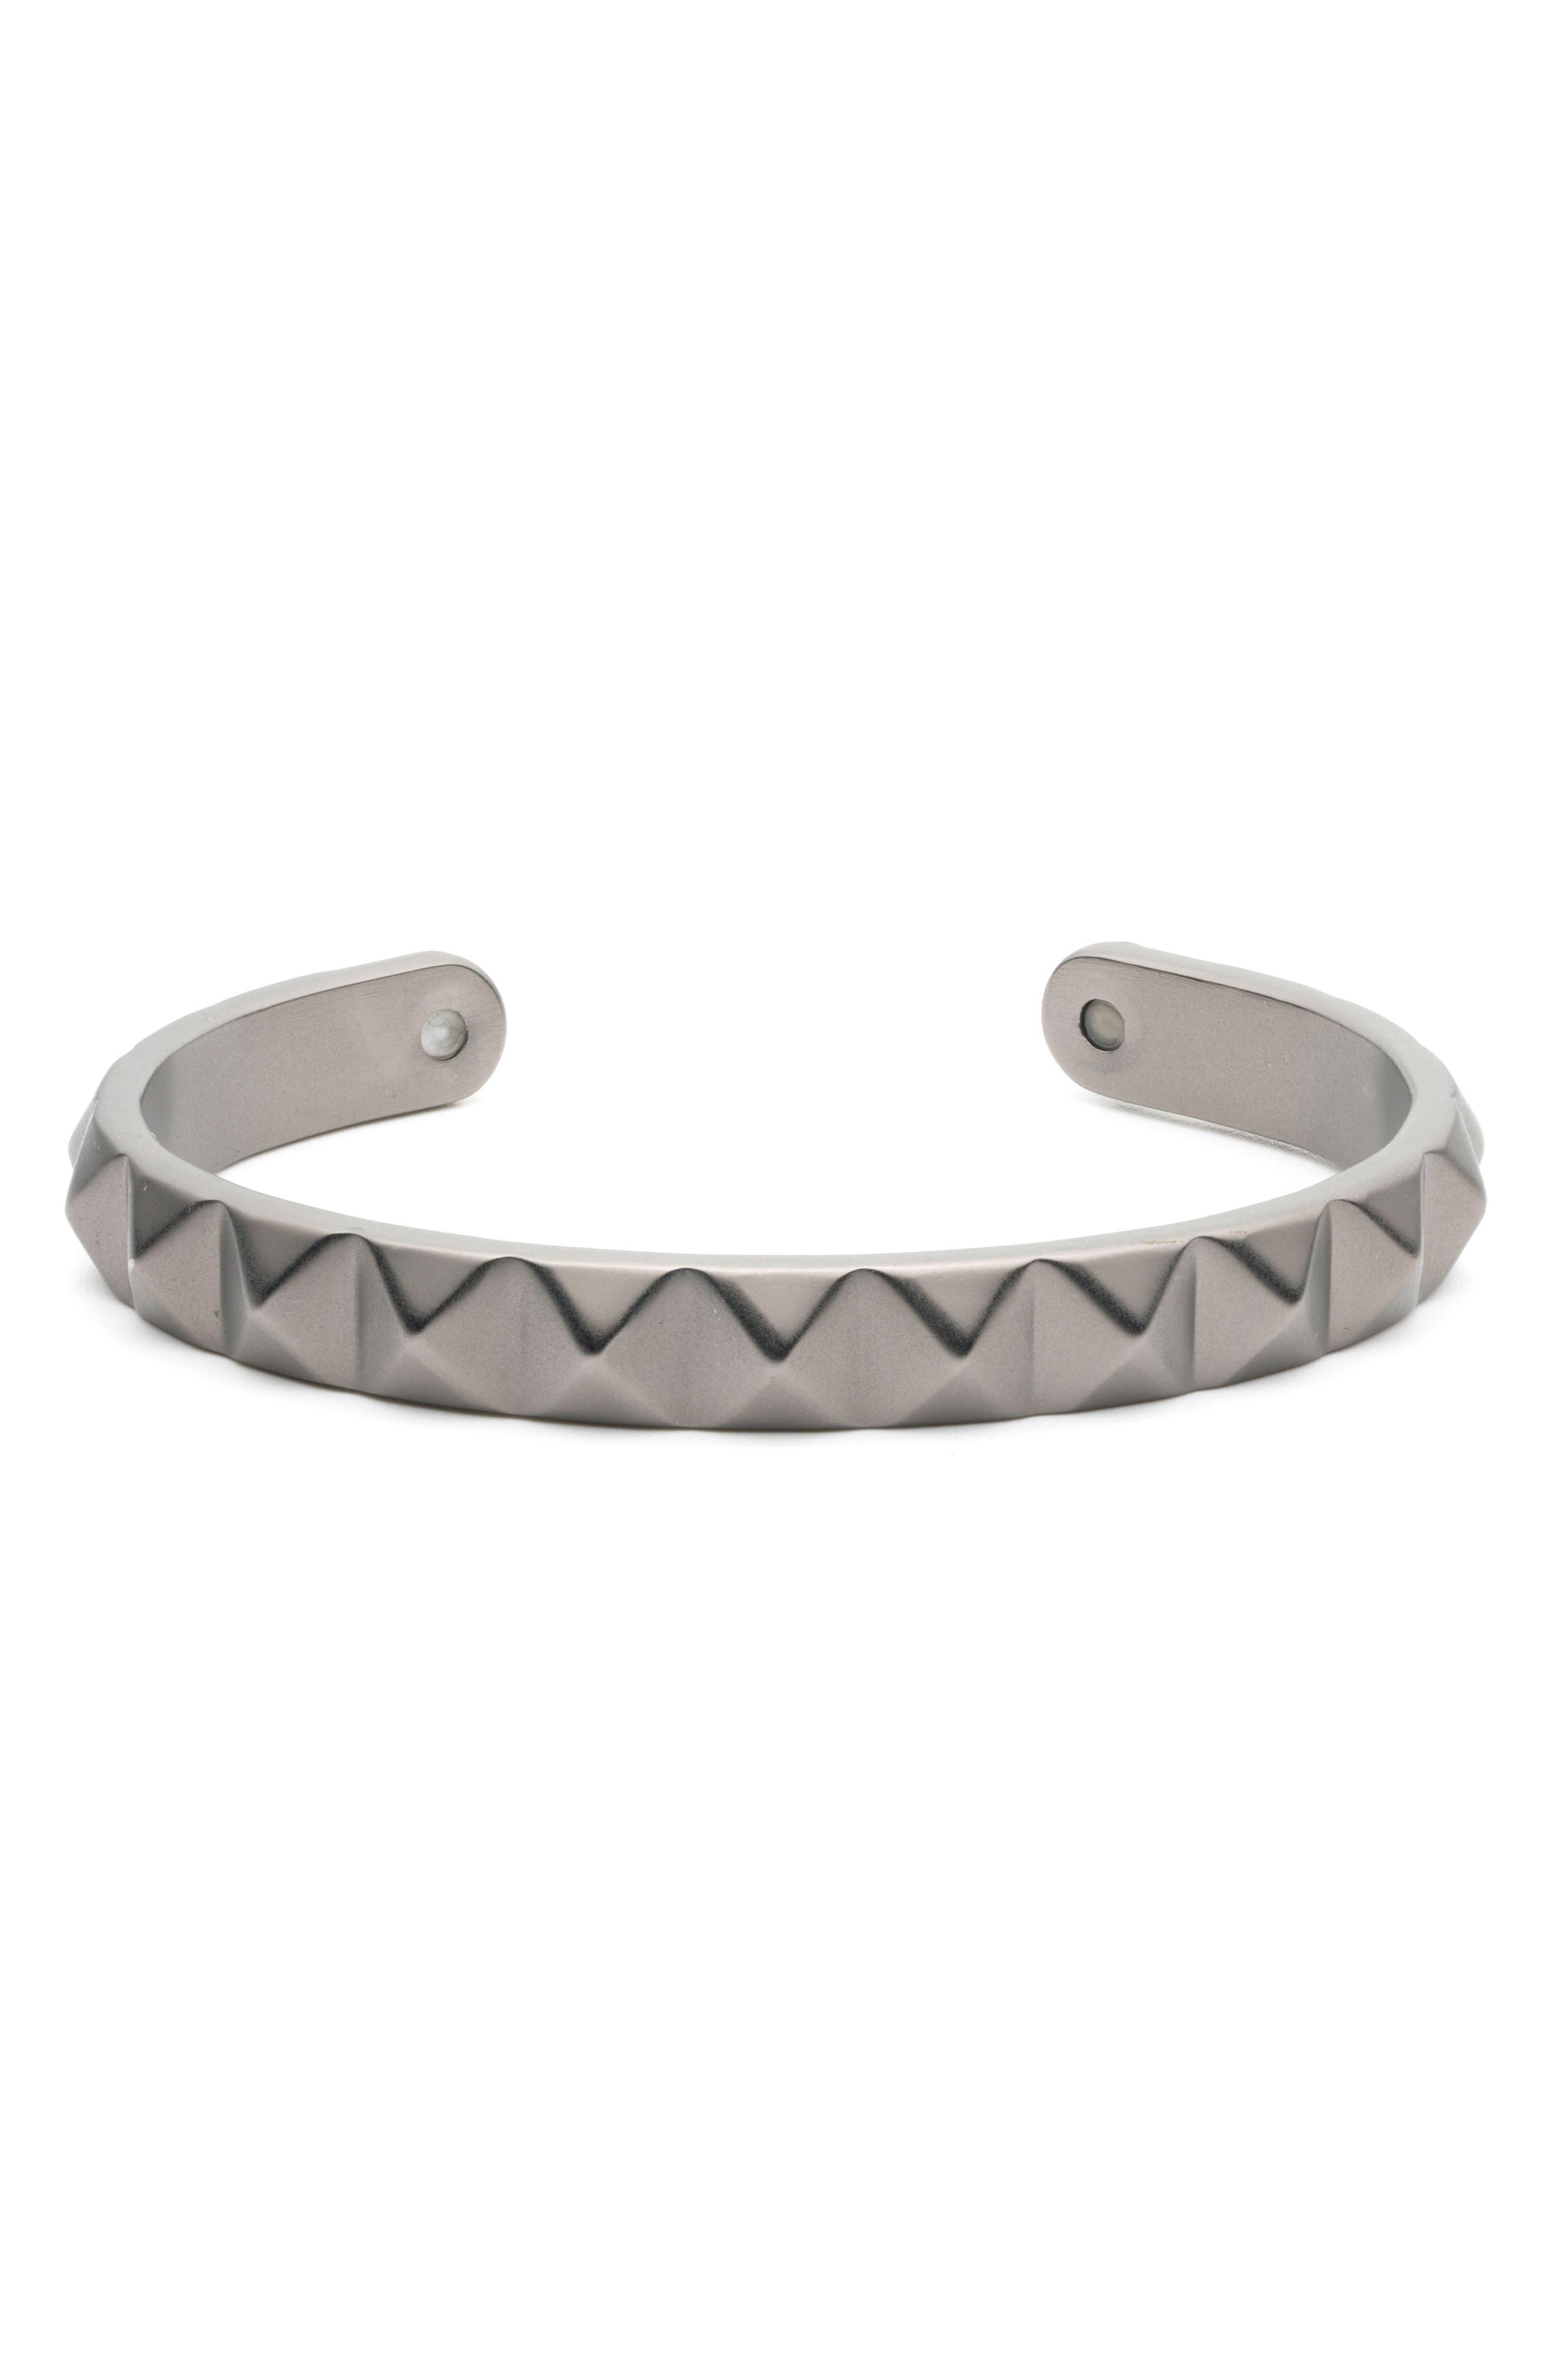 Cuff Bracelet,                             Main thumbnail 1, color,                             001